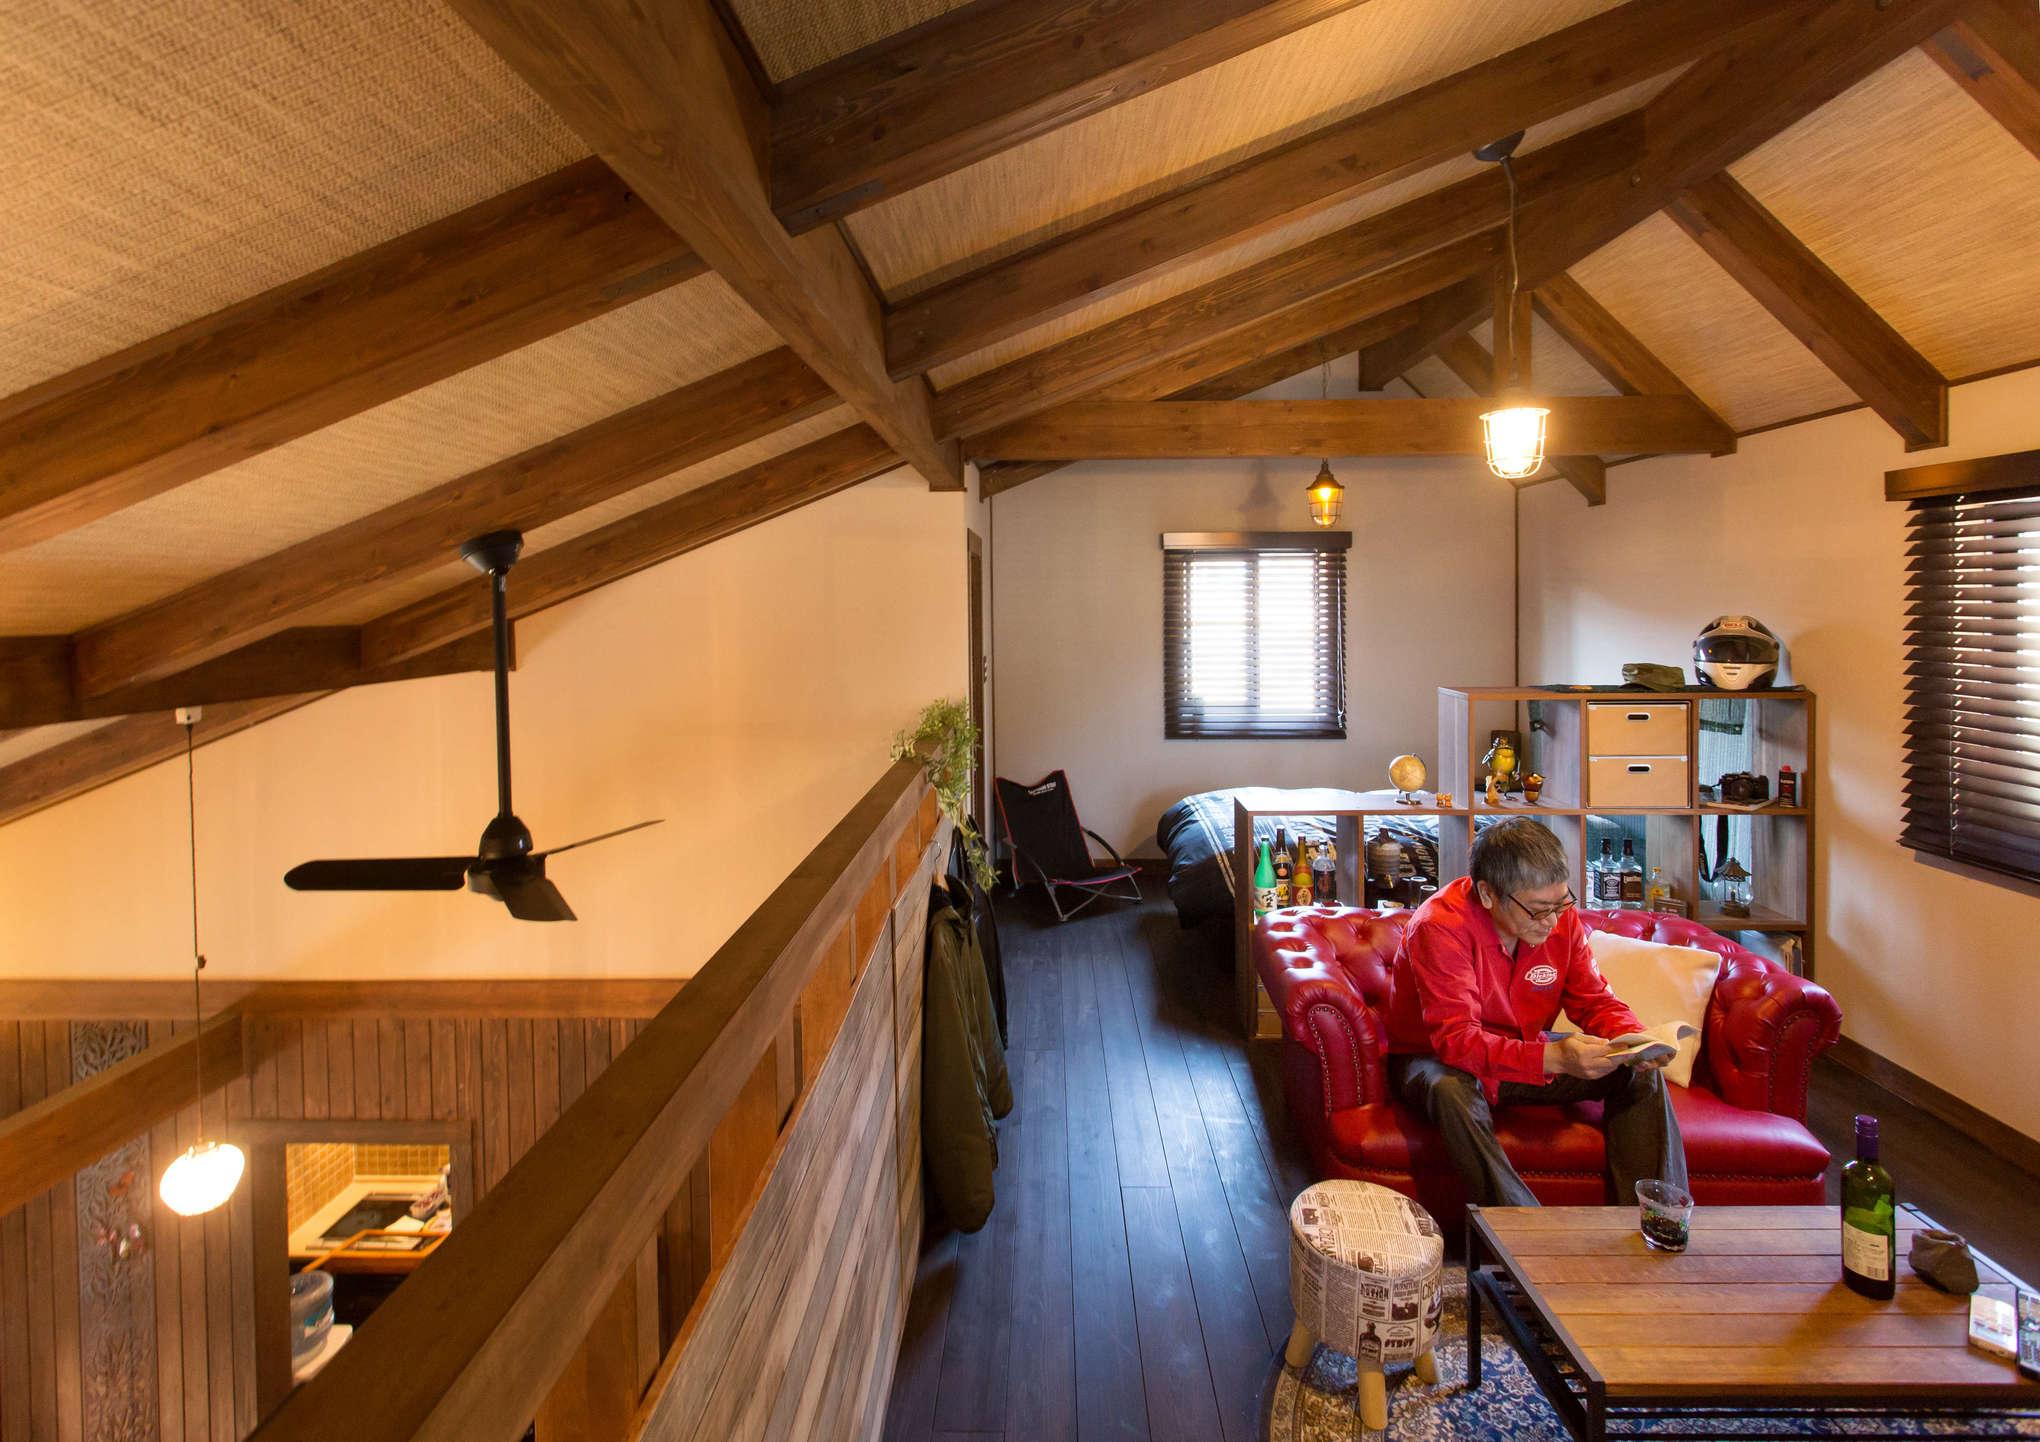 2階のロフトスペースはご主人の居室。吹き抜けを覆う斜め天井の登り梁や、網代天井の雰囲気が趣深い。和を彷彿とさせる内装に、アメリカンヴィンテージ調の家具を合わせるセンスもさすが